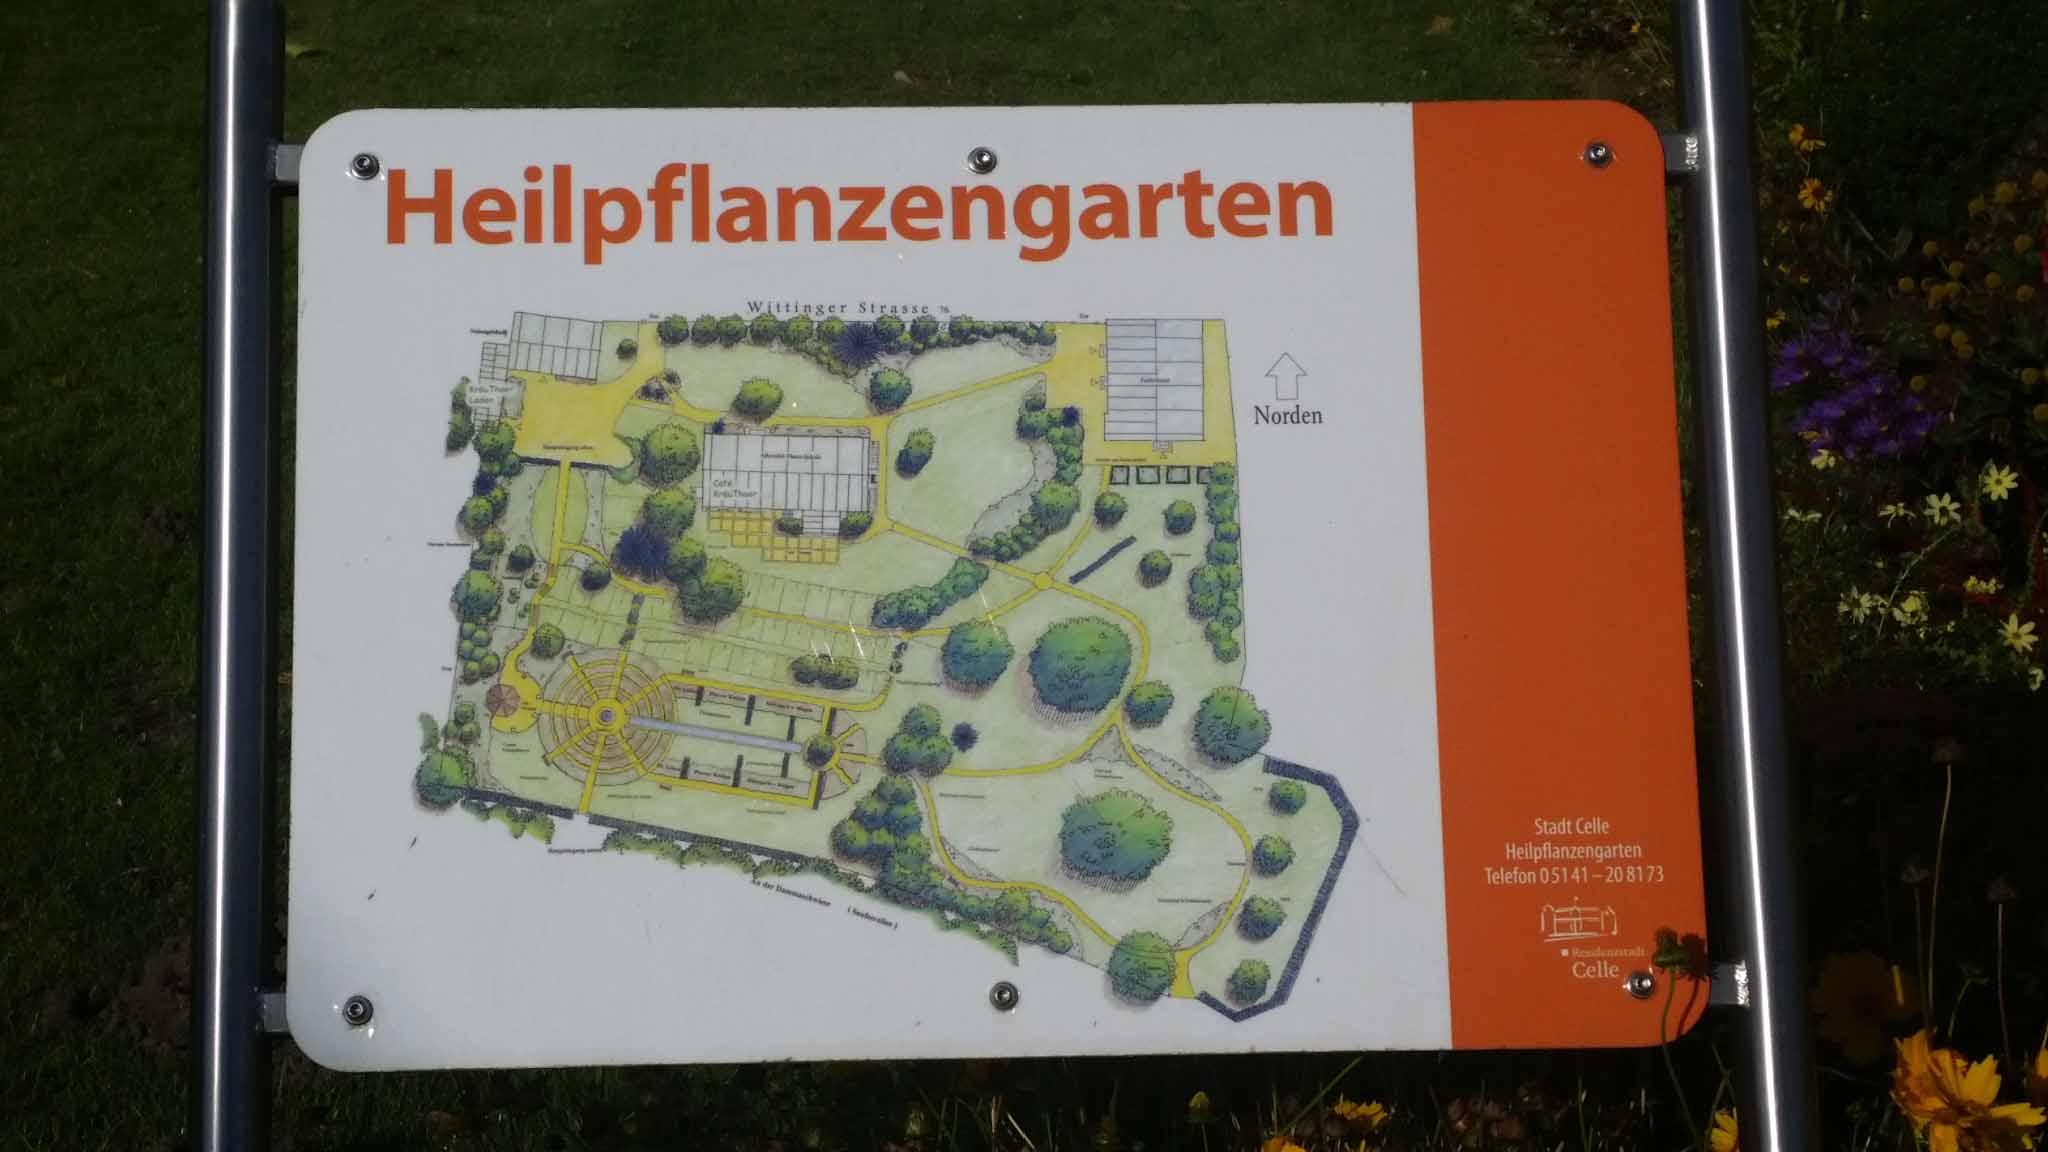 Übersichtsplan im Heilpflanzengarten Celle